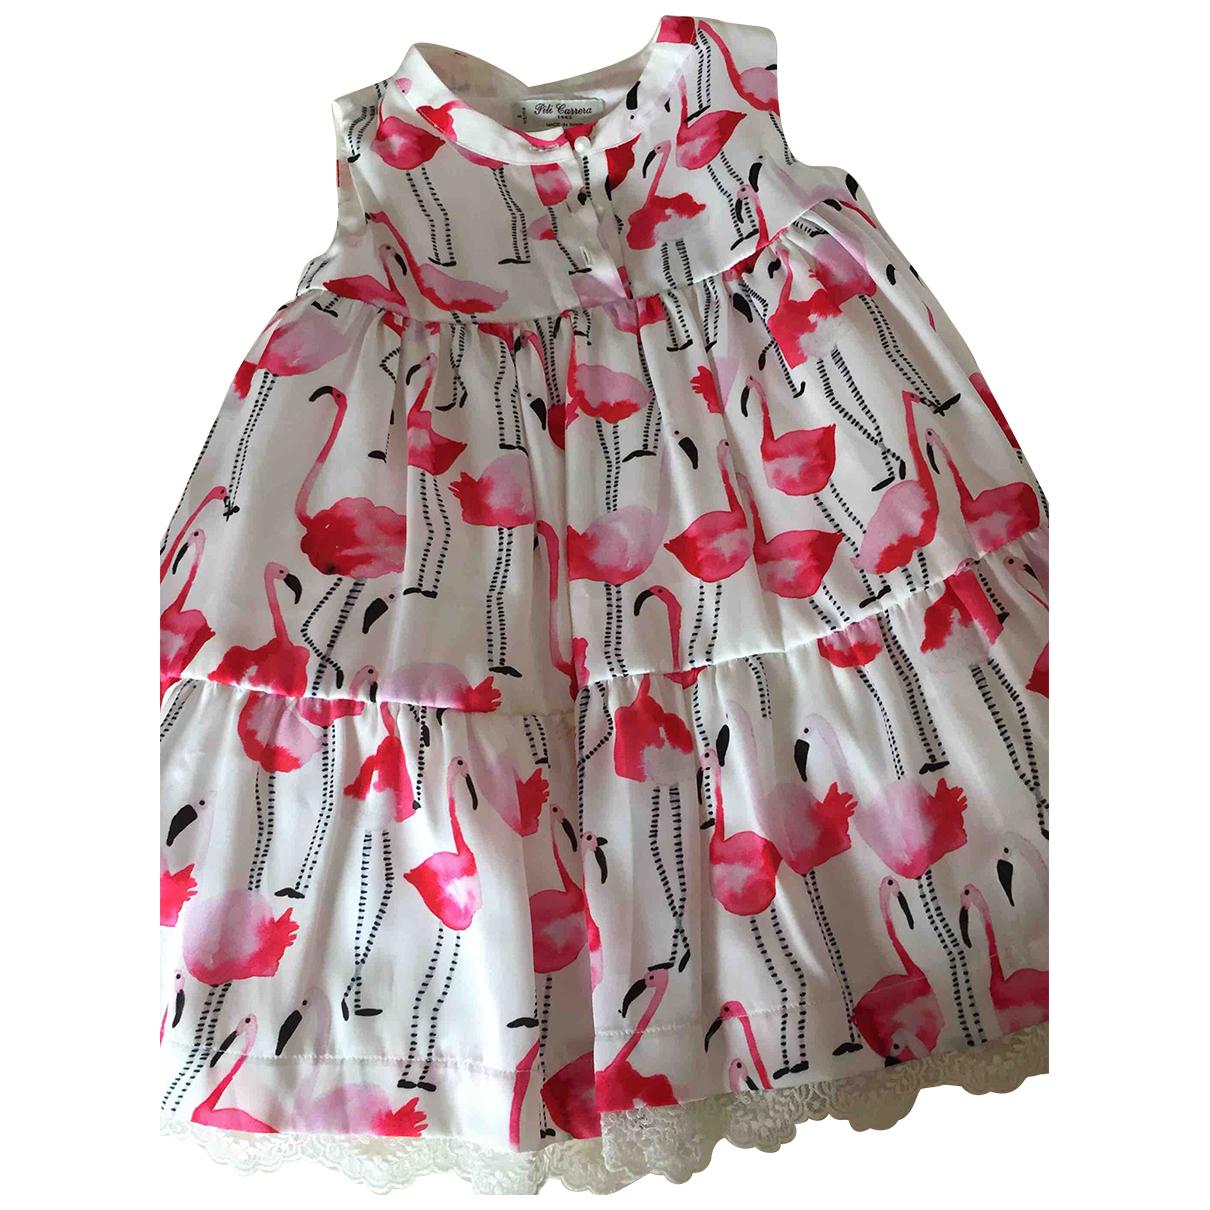 Maxi vestido Pili Carrera